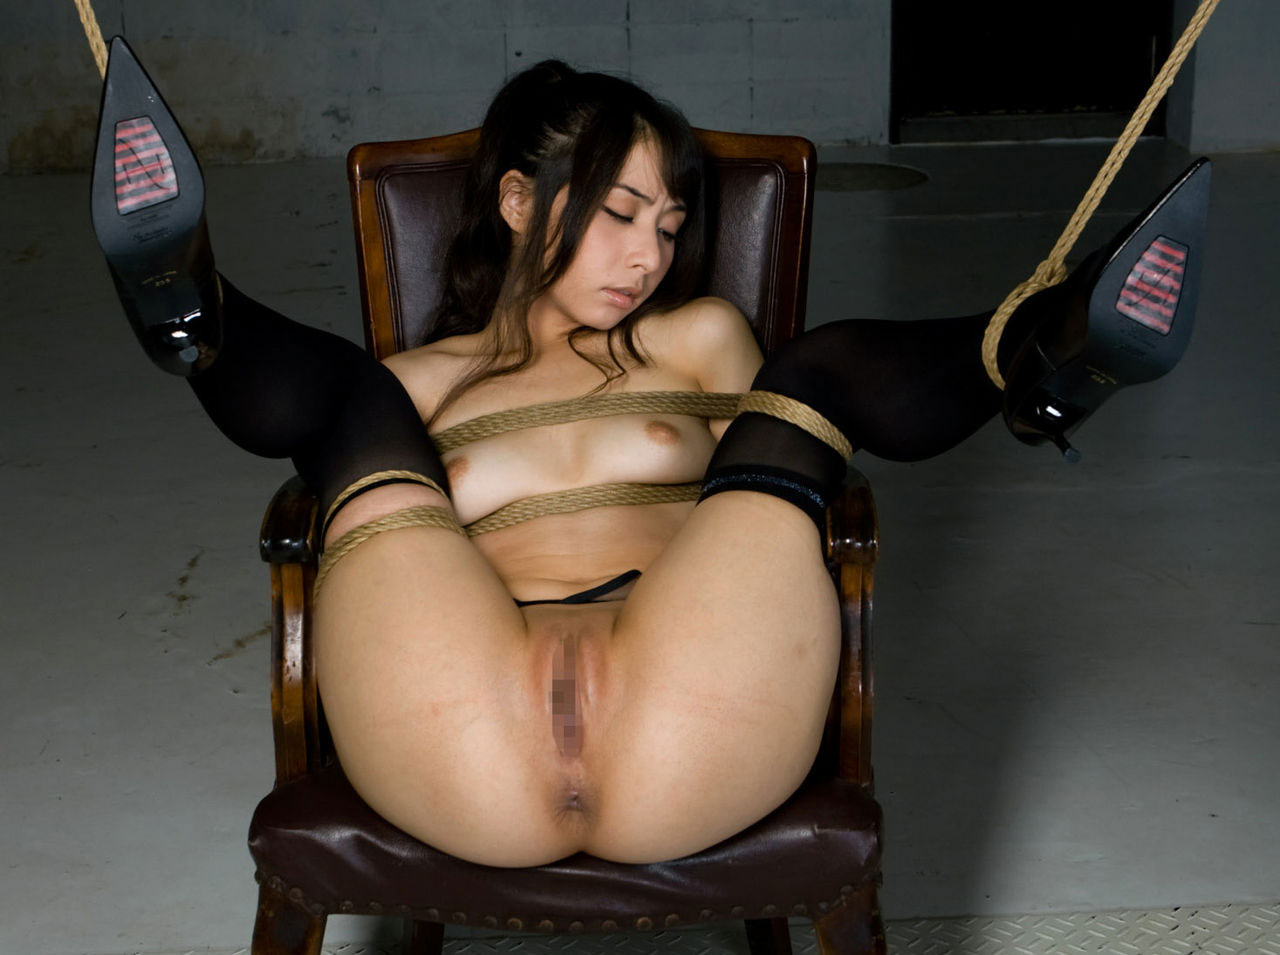 ヌード女性を縄で縛って拘束する (2)